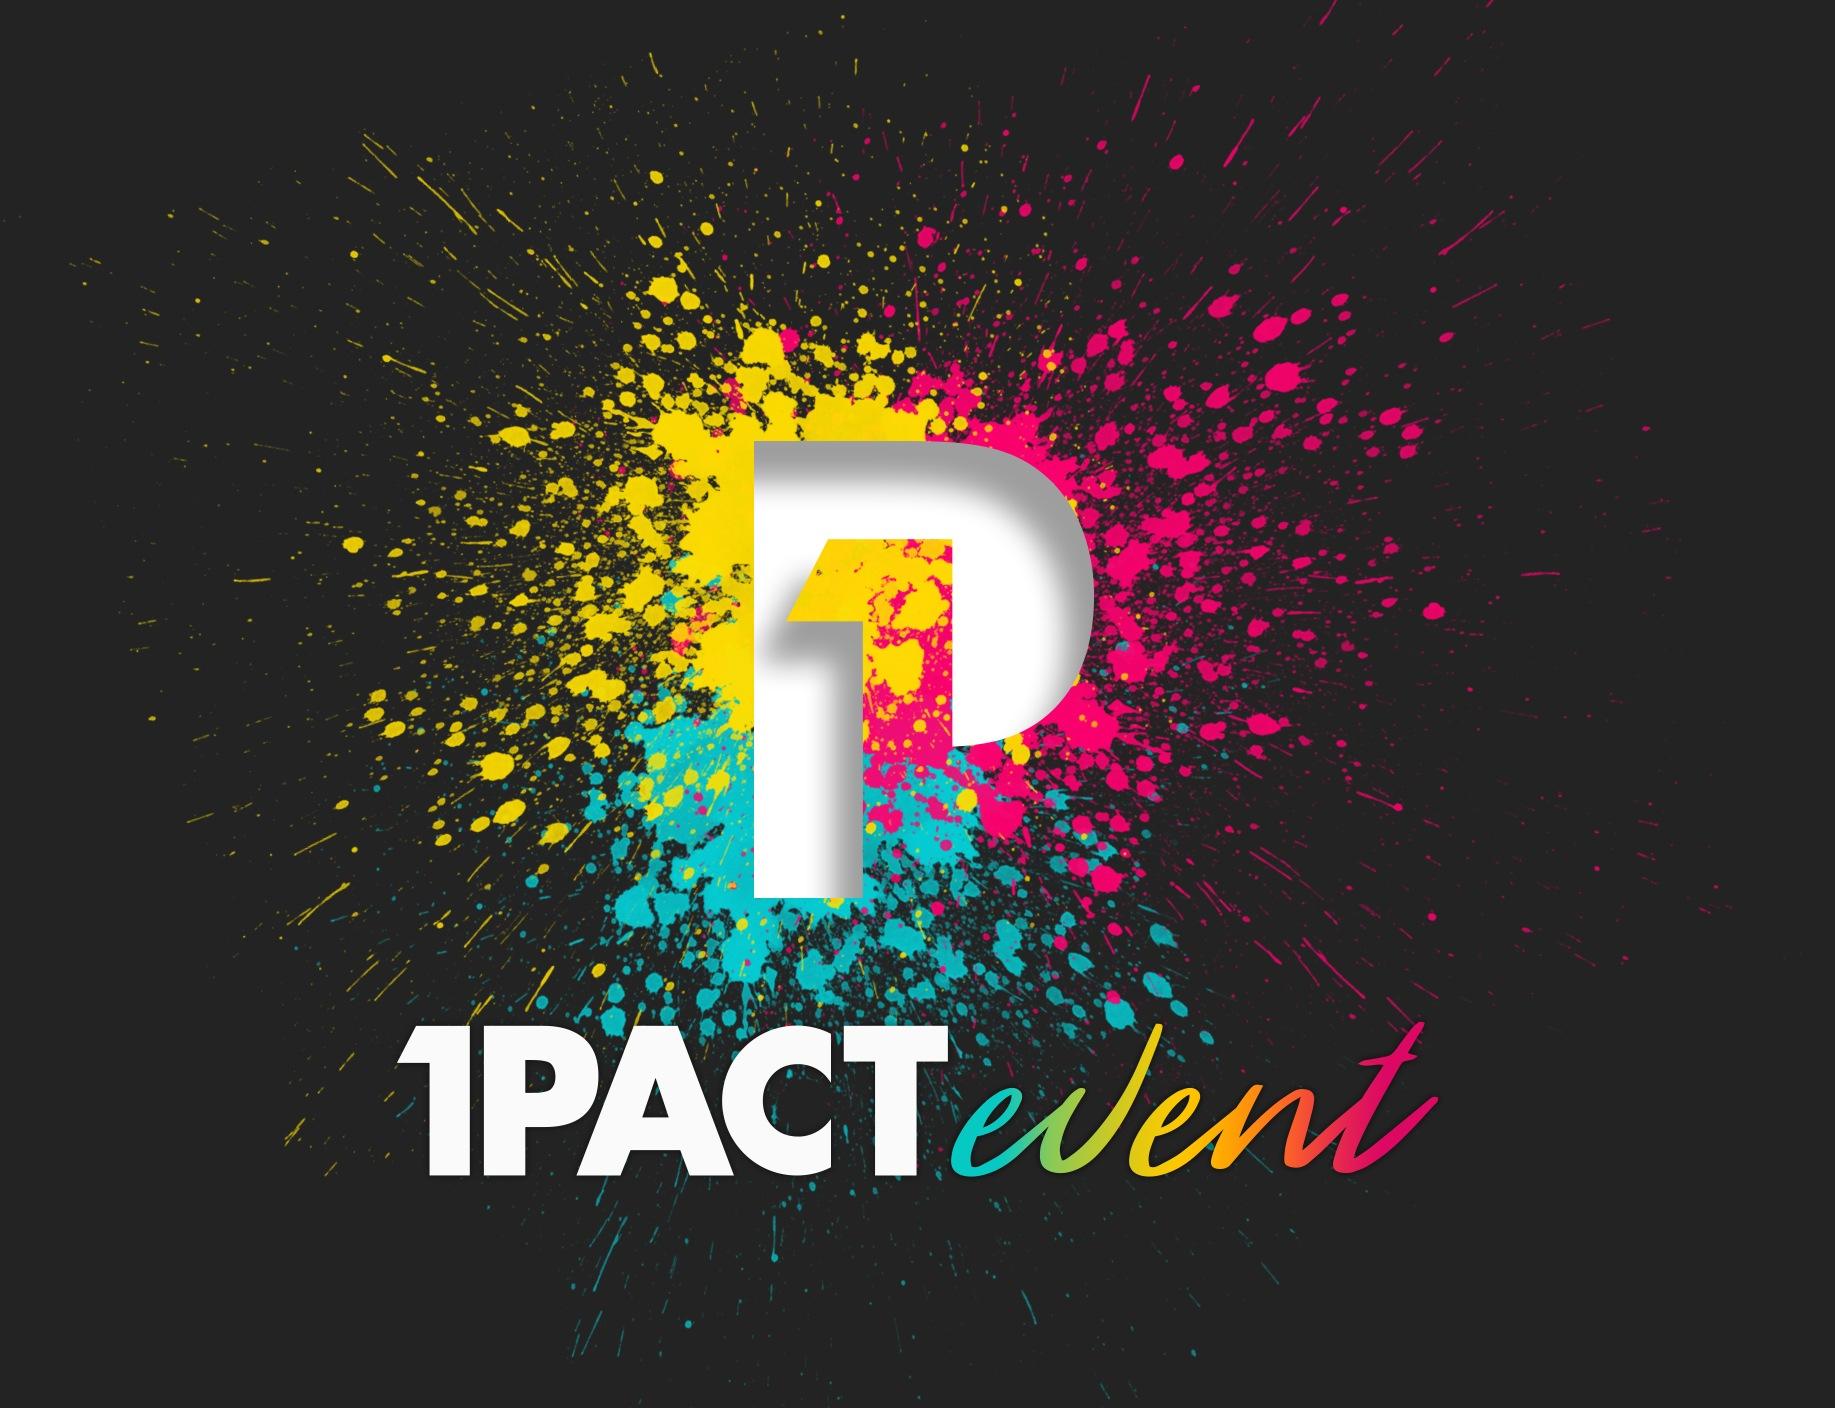 logo 1pactevent